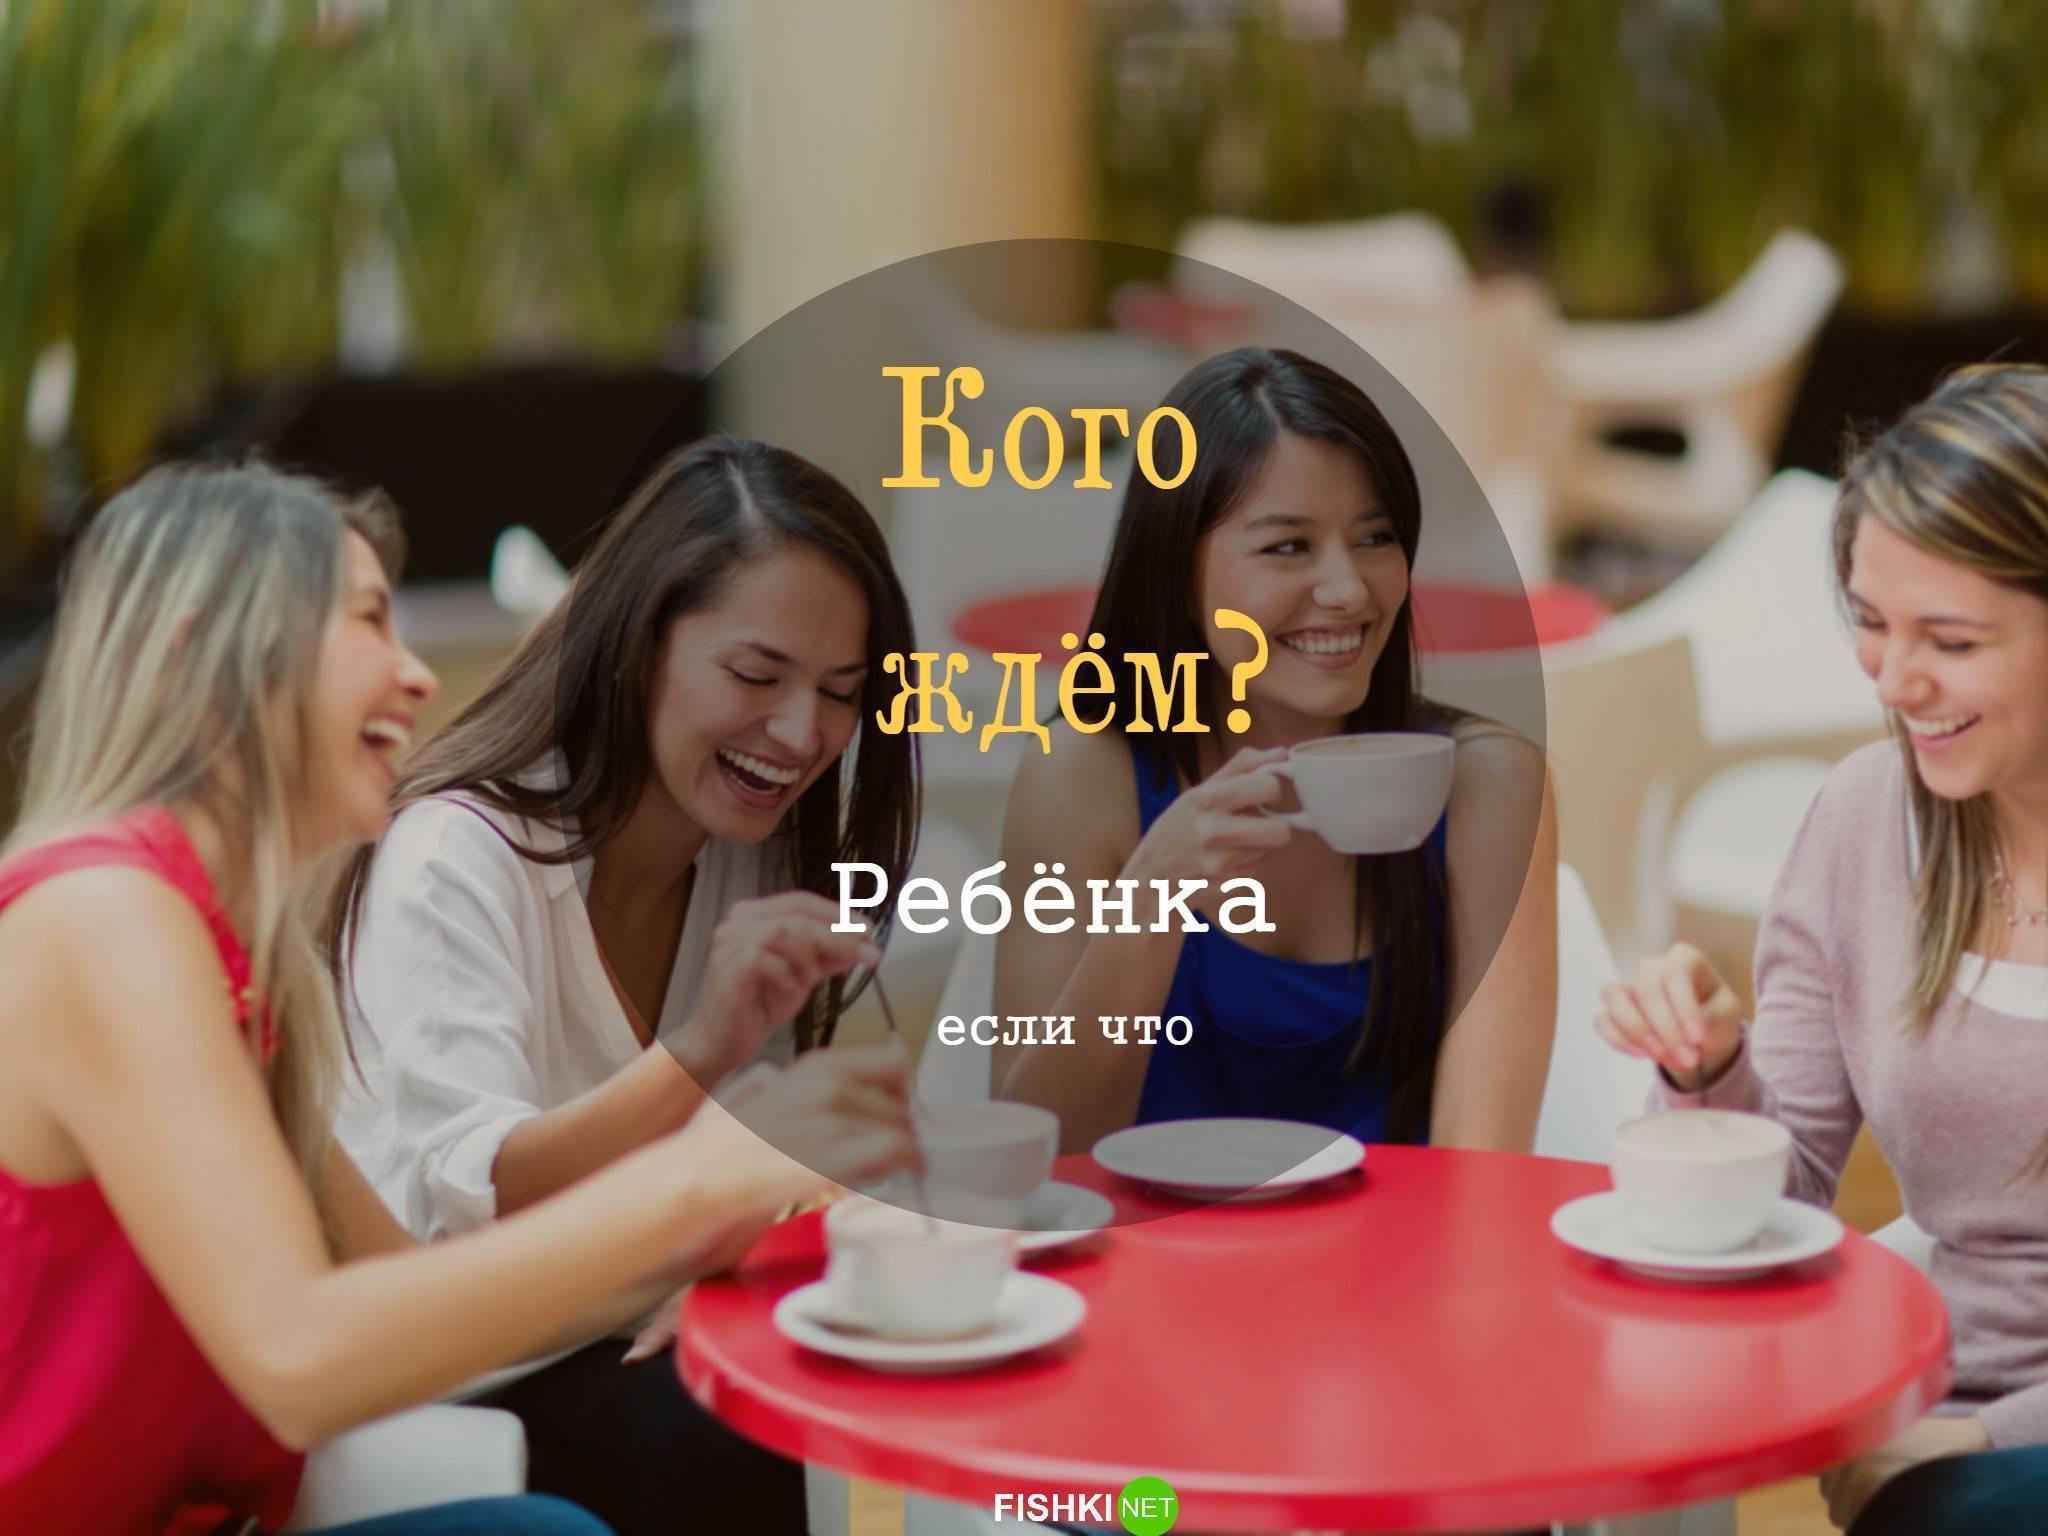 5 фраз, которые показывают, что женщина глупая: новости, женщины, общение, психология, мужчины, любовь и семья